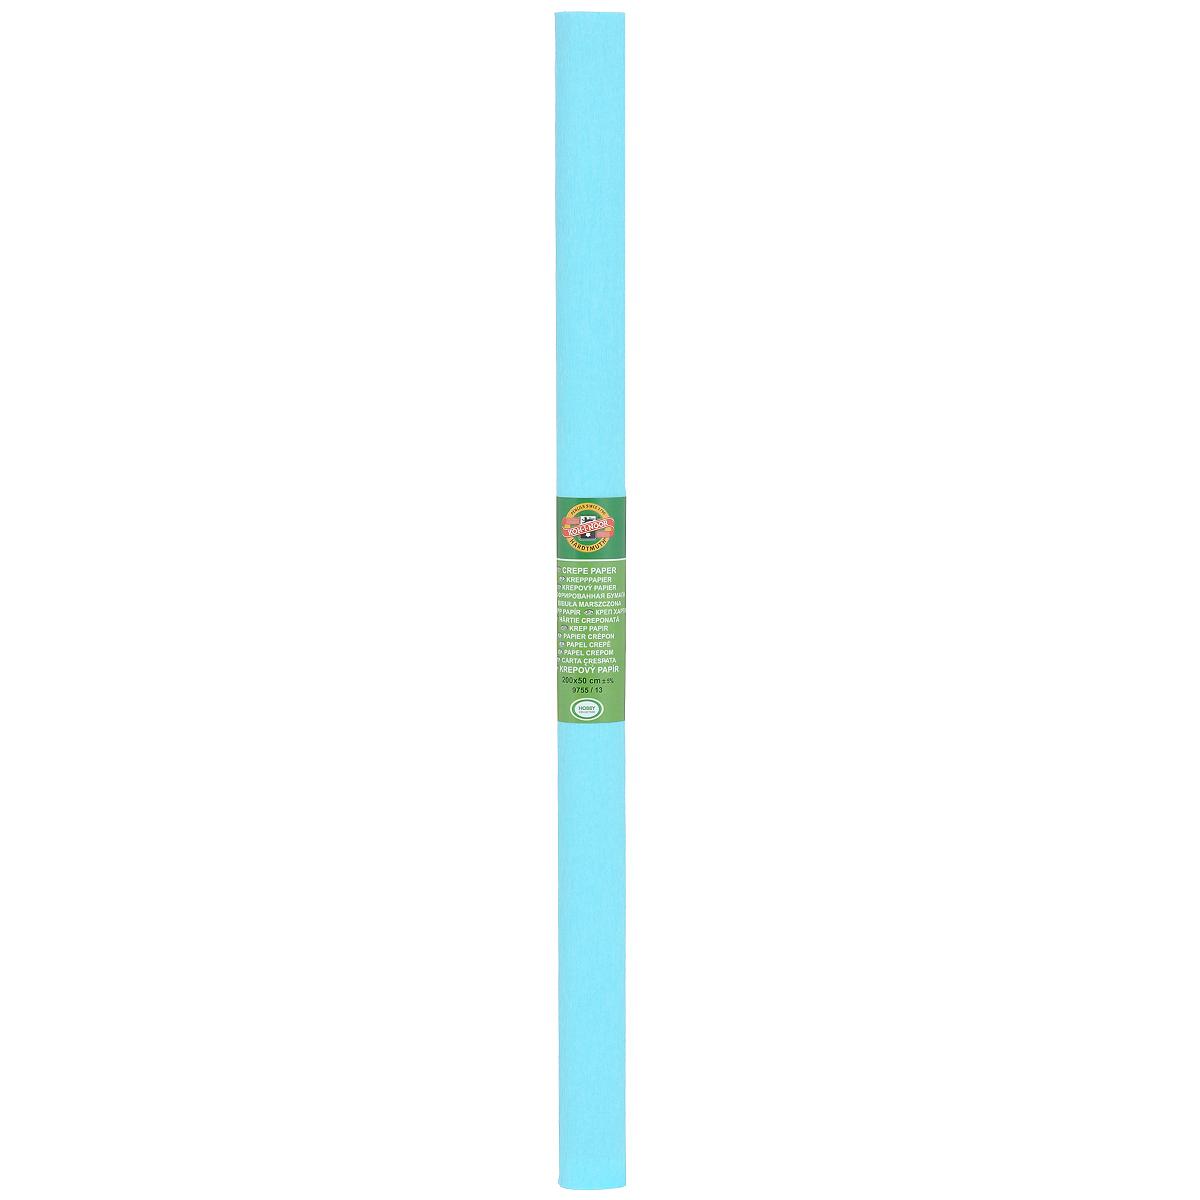 Бумага крепированная Koh-I-Noor, цвет: светло-бирюзовый, 50 см x 2 мRSP-202SКрепированная бумага Koh-I-Noor - прекрасный материал для декорирования, изготовления эффектной упаковки и различных поделок. Бумага прекрасно держит форму, не пачкает руки, отлично крепится и замечательно подходит для изготовления праздничной упаковки для цветов.